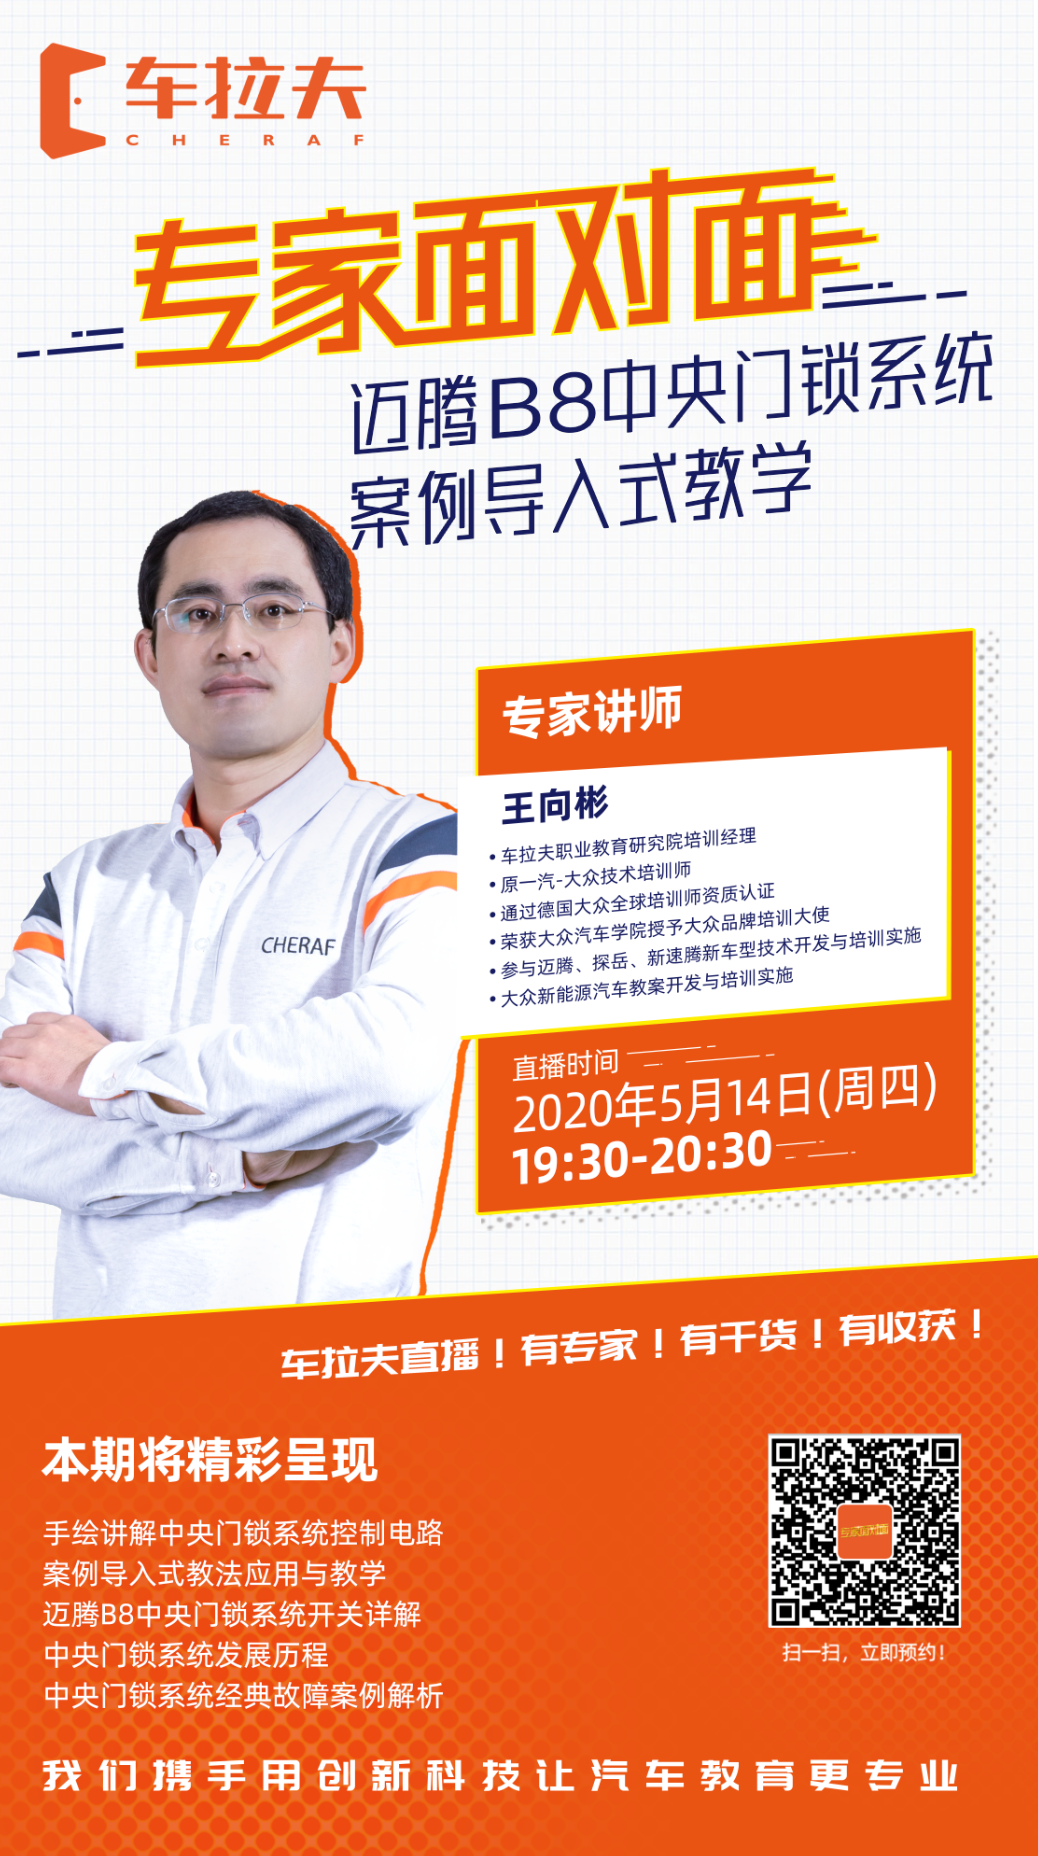 车拉夫专家面对面(第6期)丨王向彬:迈腾B8中央门锁案例导入式教学